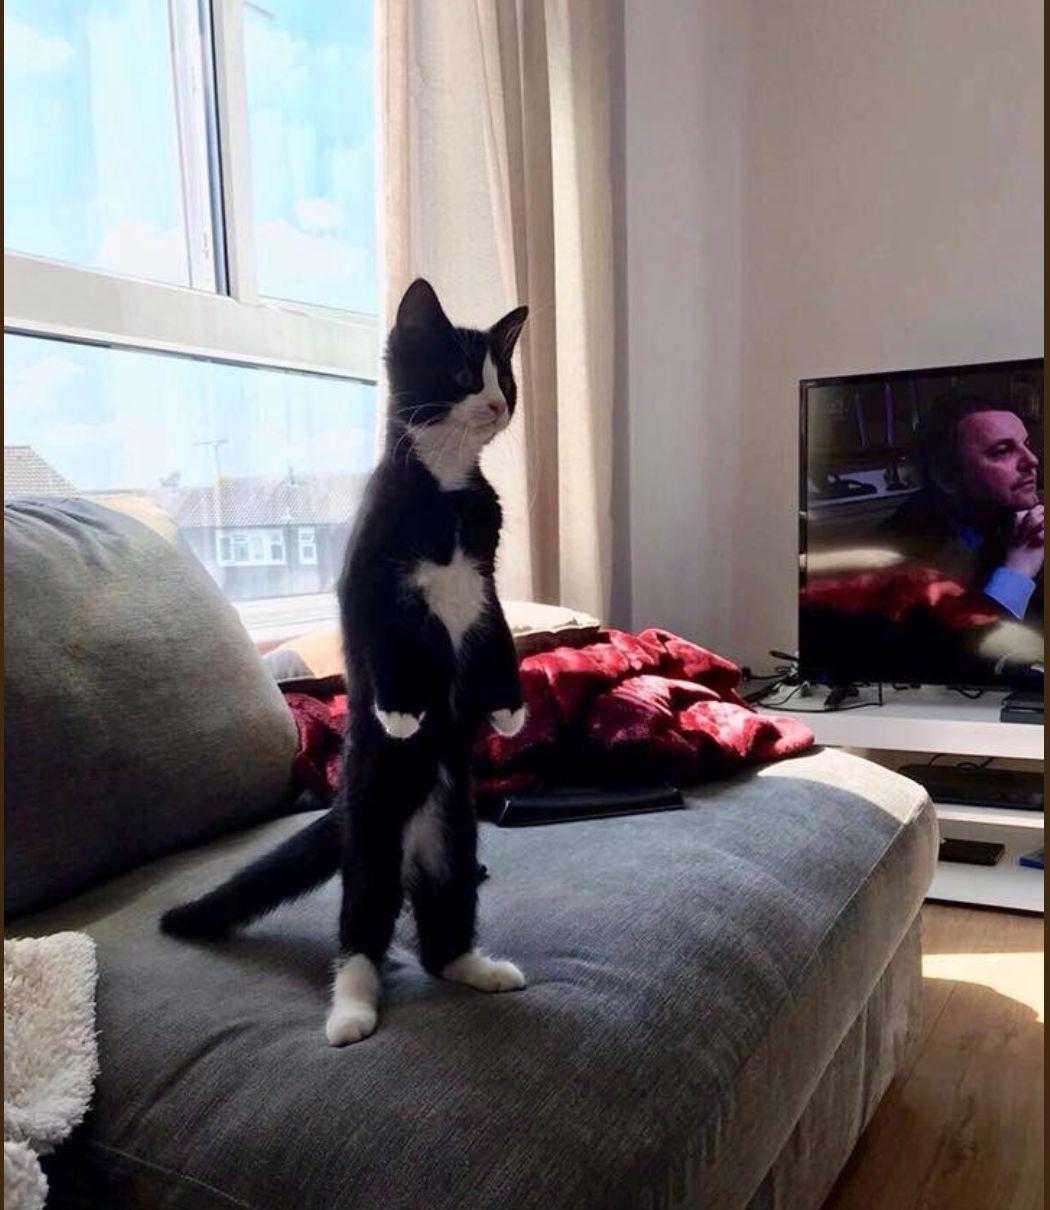 二本足で立つ猫たち(画像集)